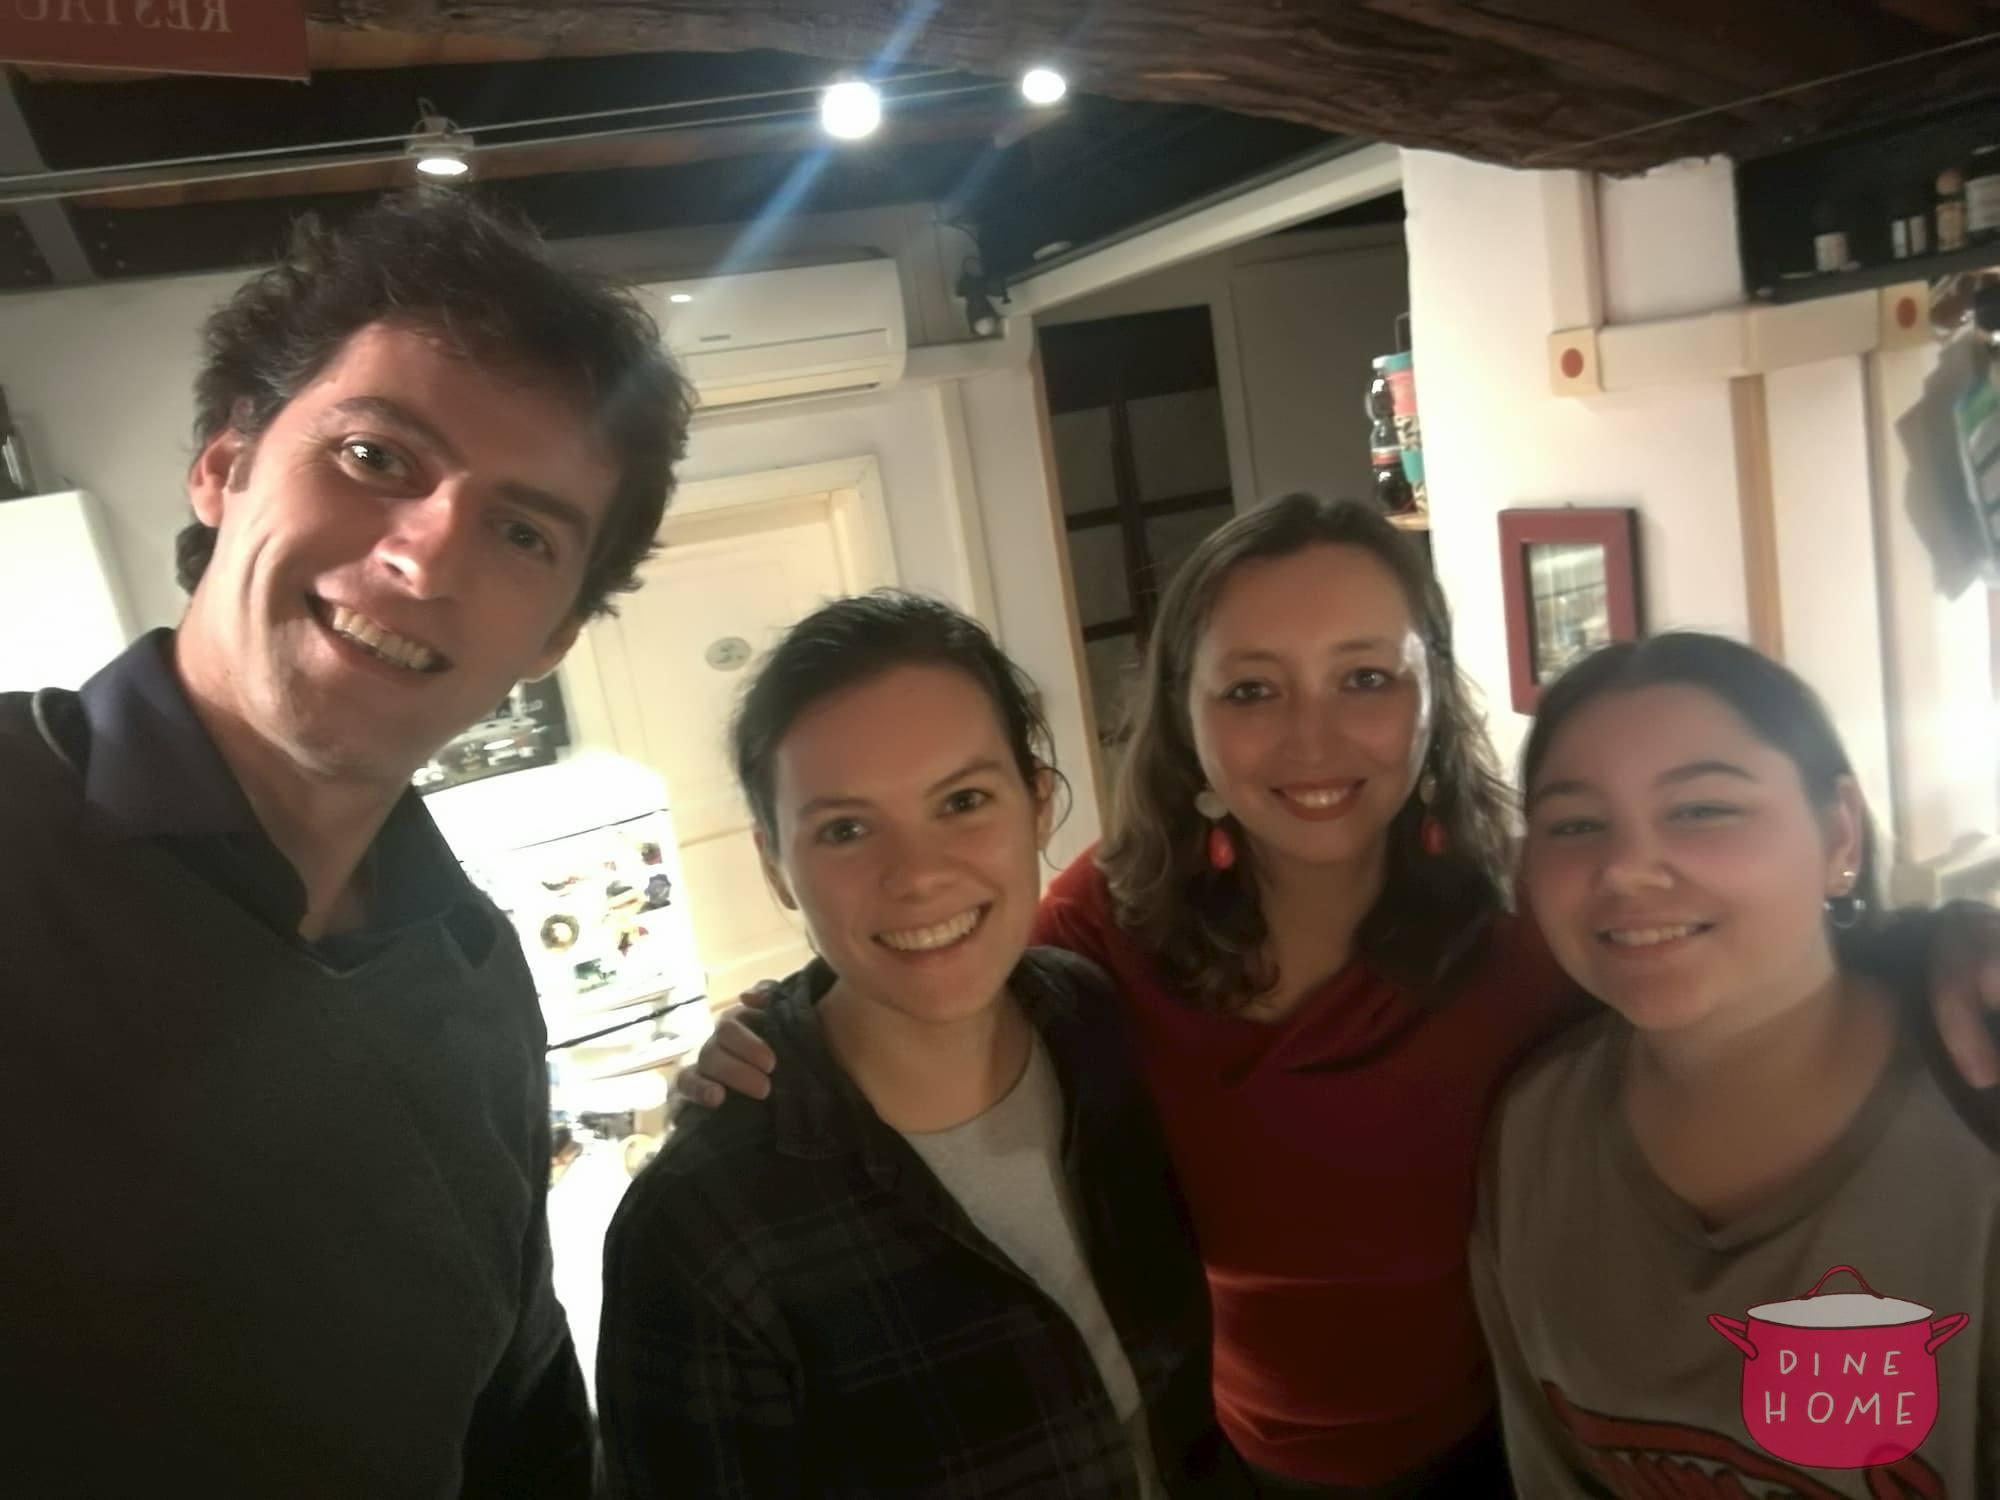 Laura, studentessa dagli USA, a cena dalla sua famiglia Dinehome.